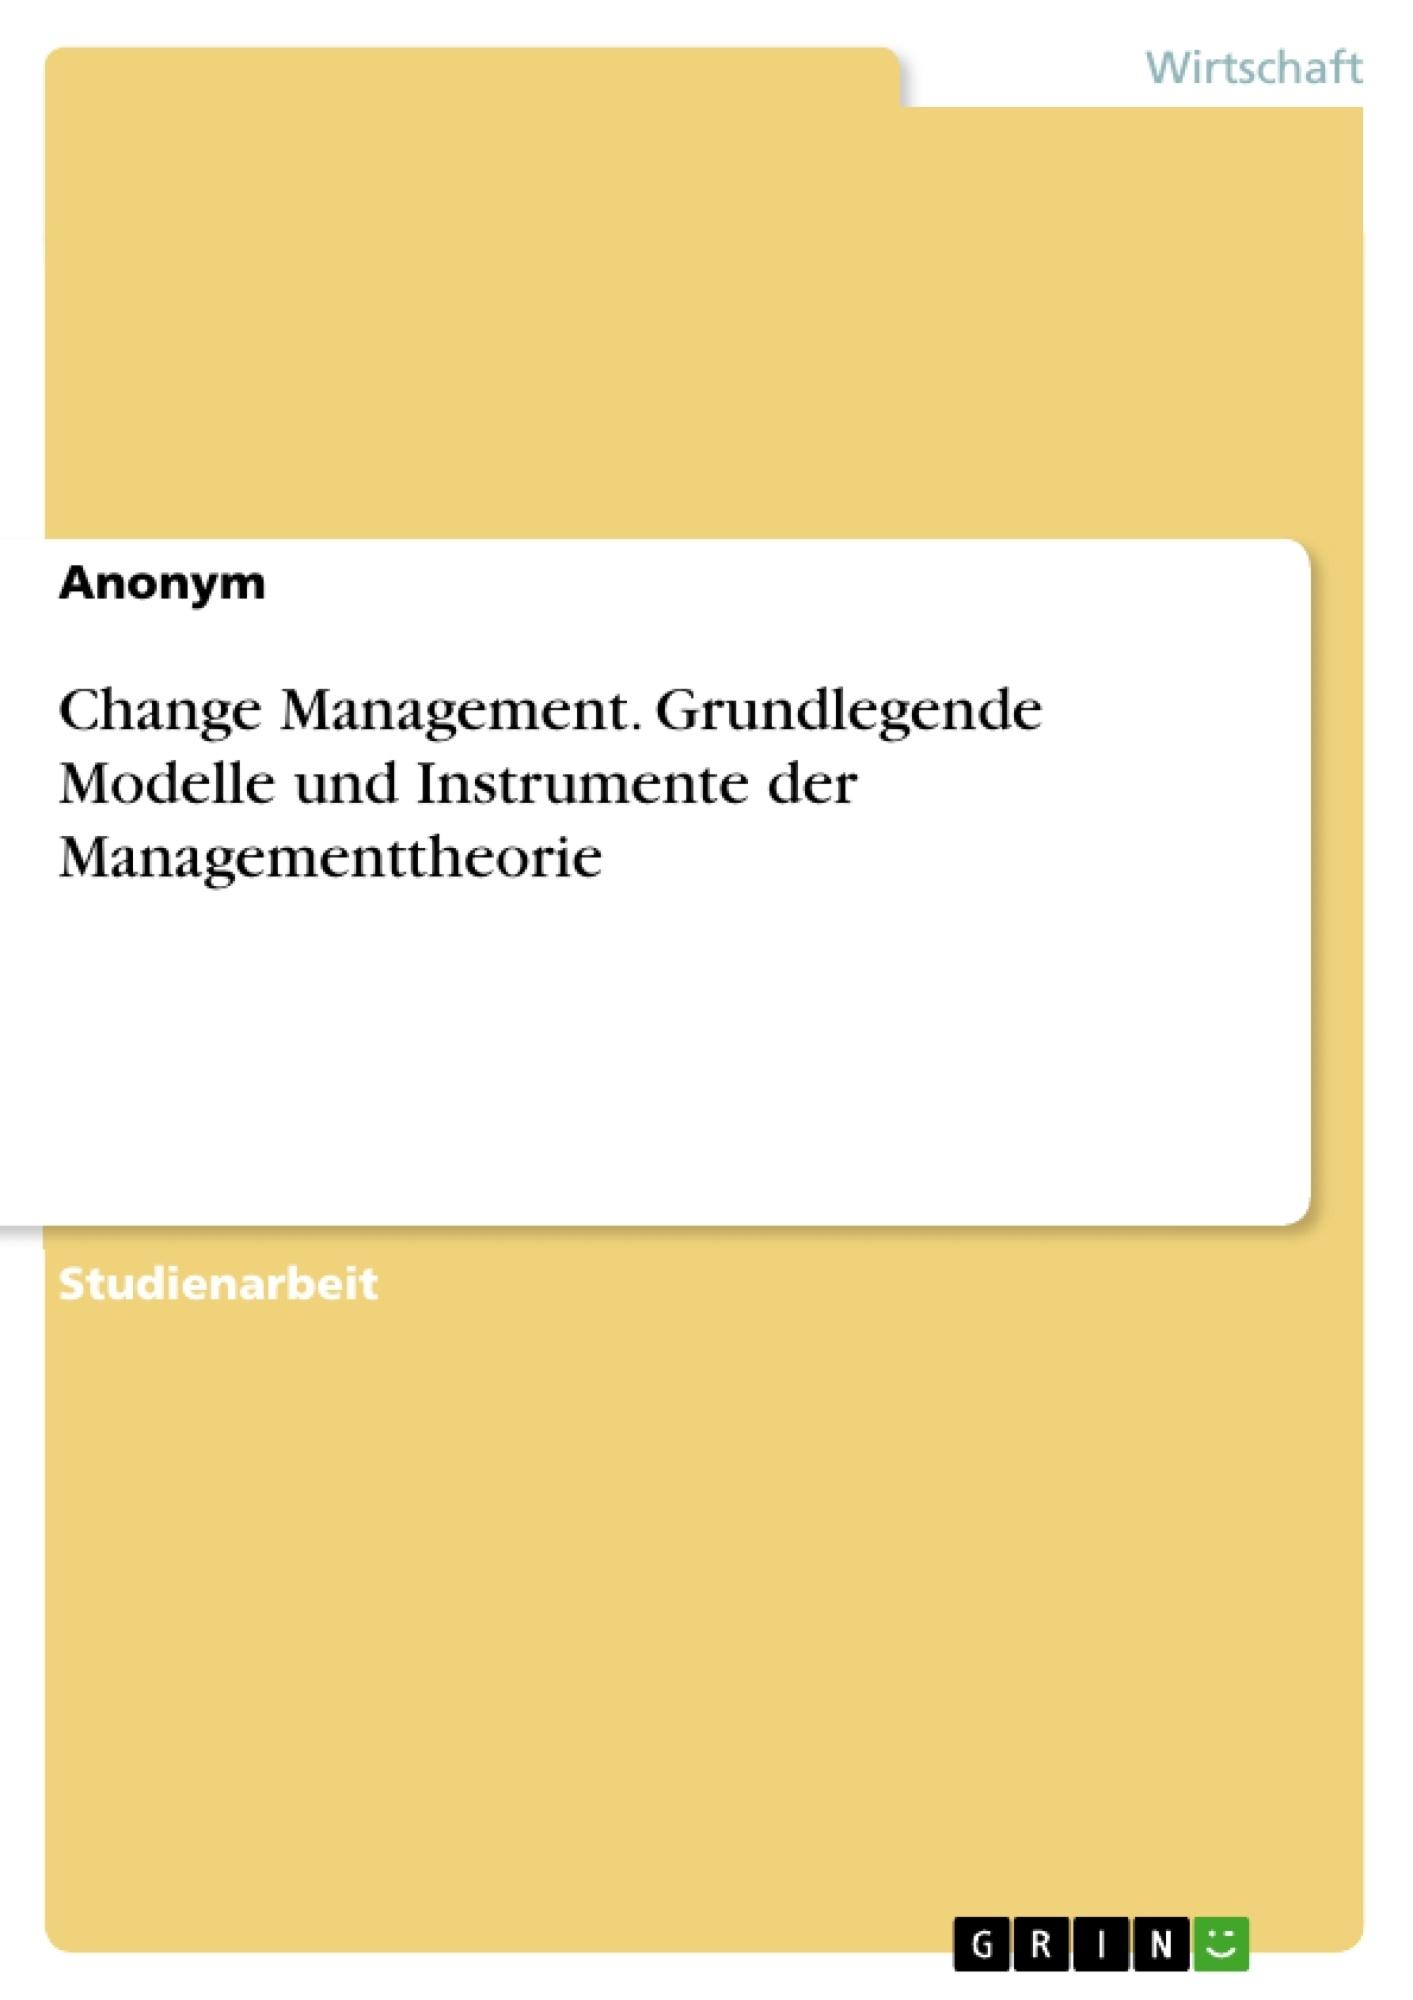 Titel: Change Management. Grundlegende Modelle und Instrumente der Managementtheorie